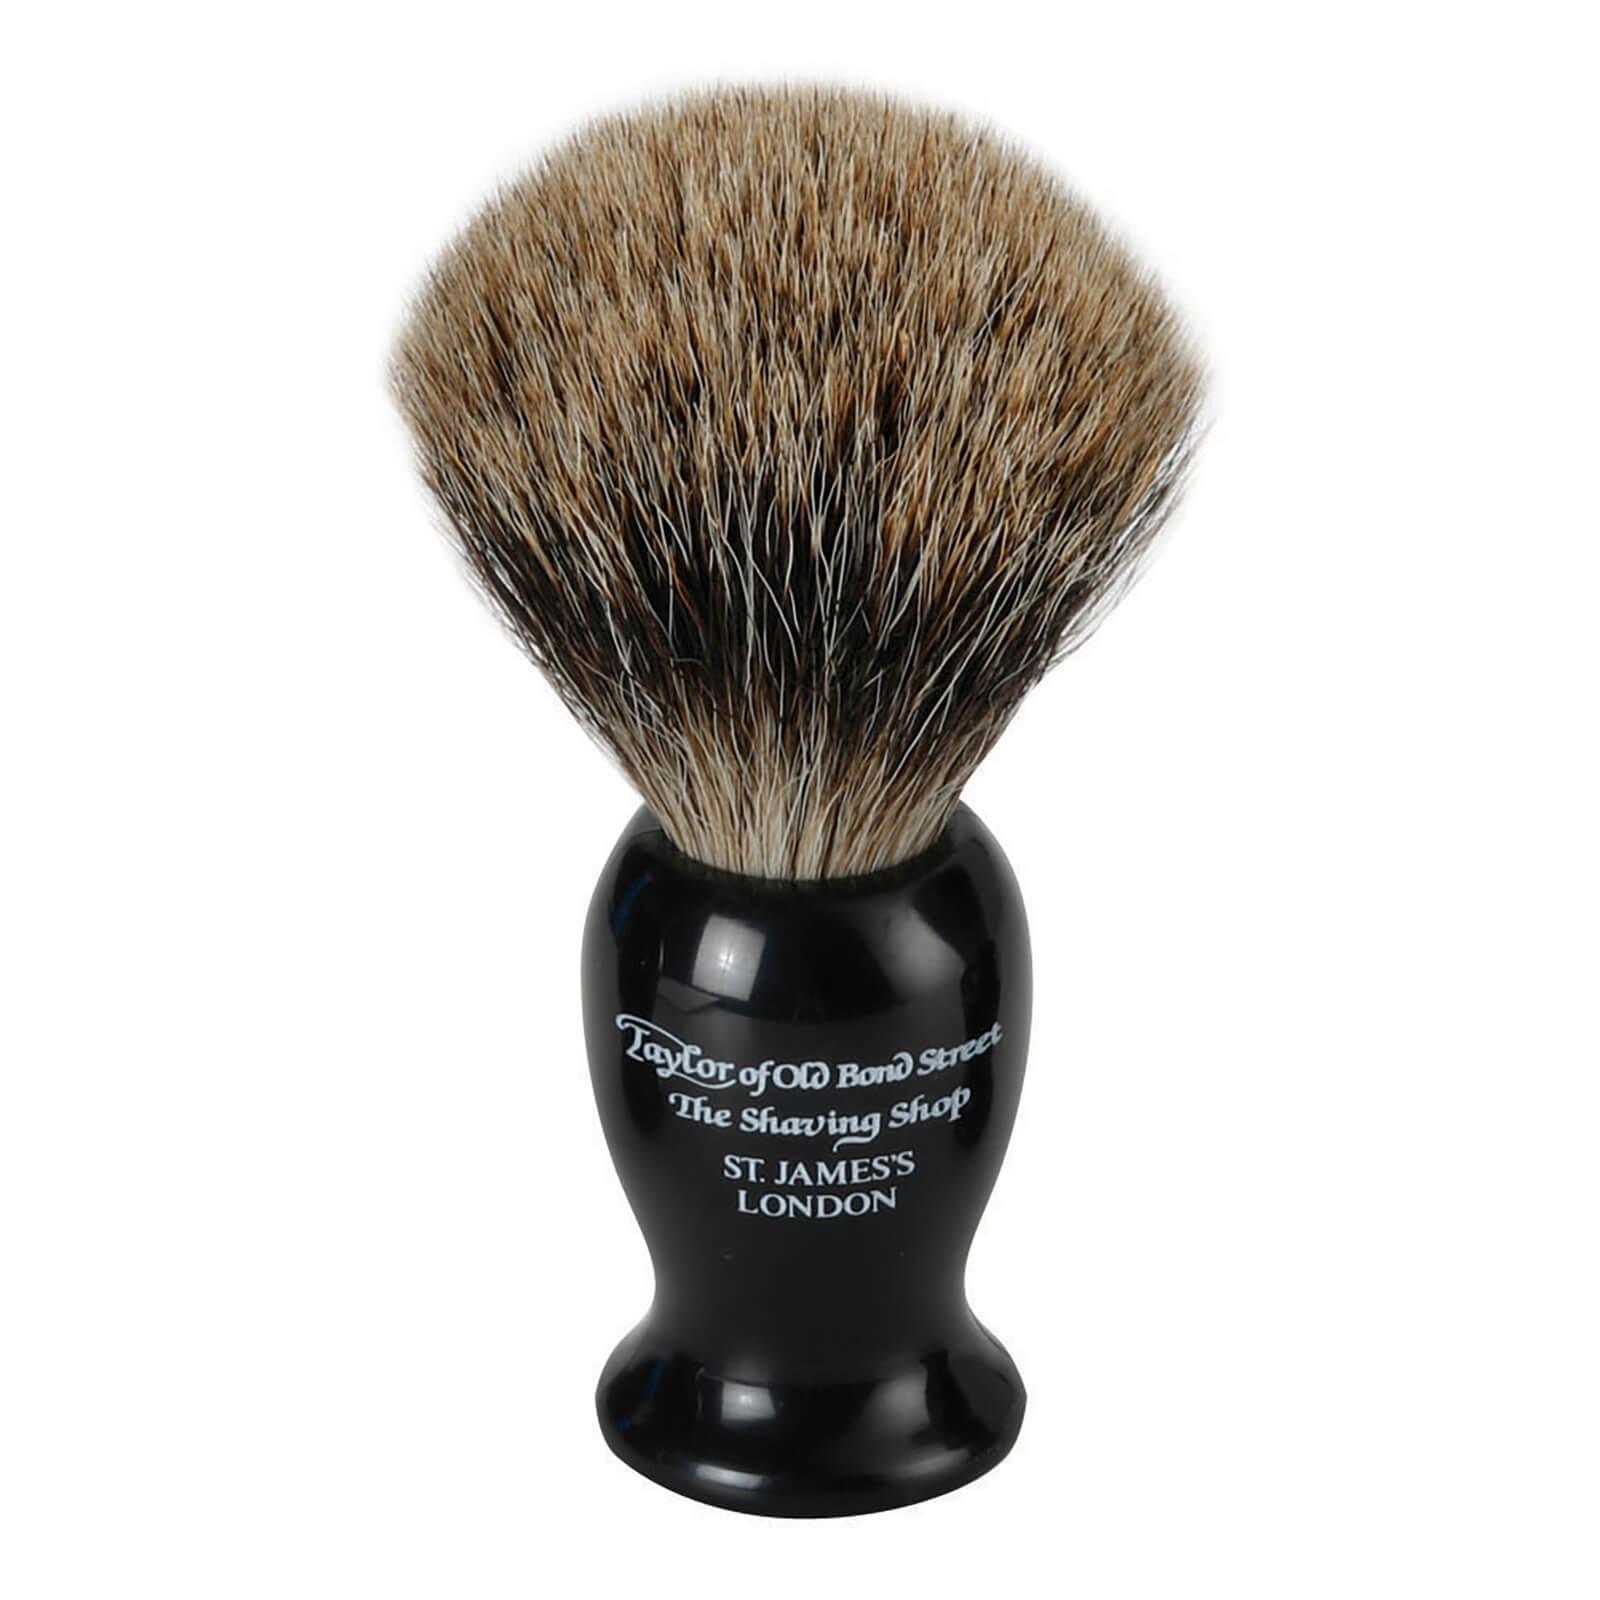 Taylor of Old Bond Street Black Pure Badger Shaving Brush (Medium)